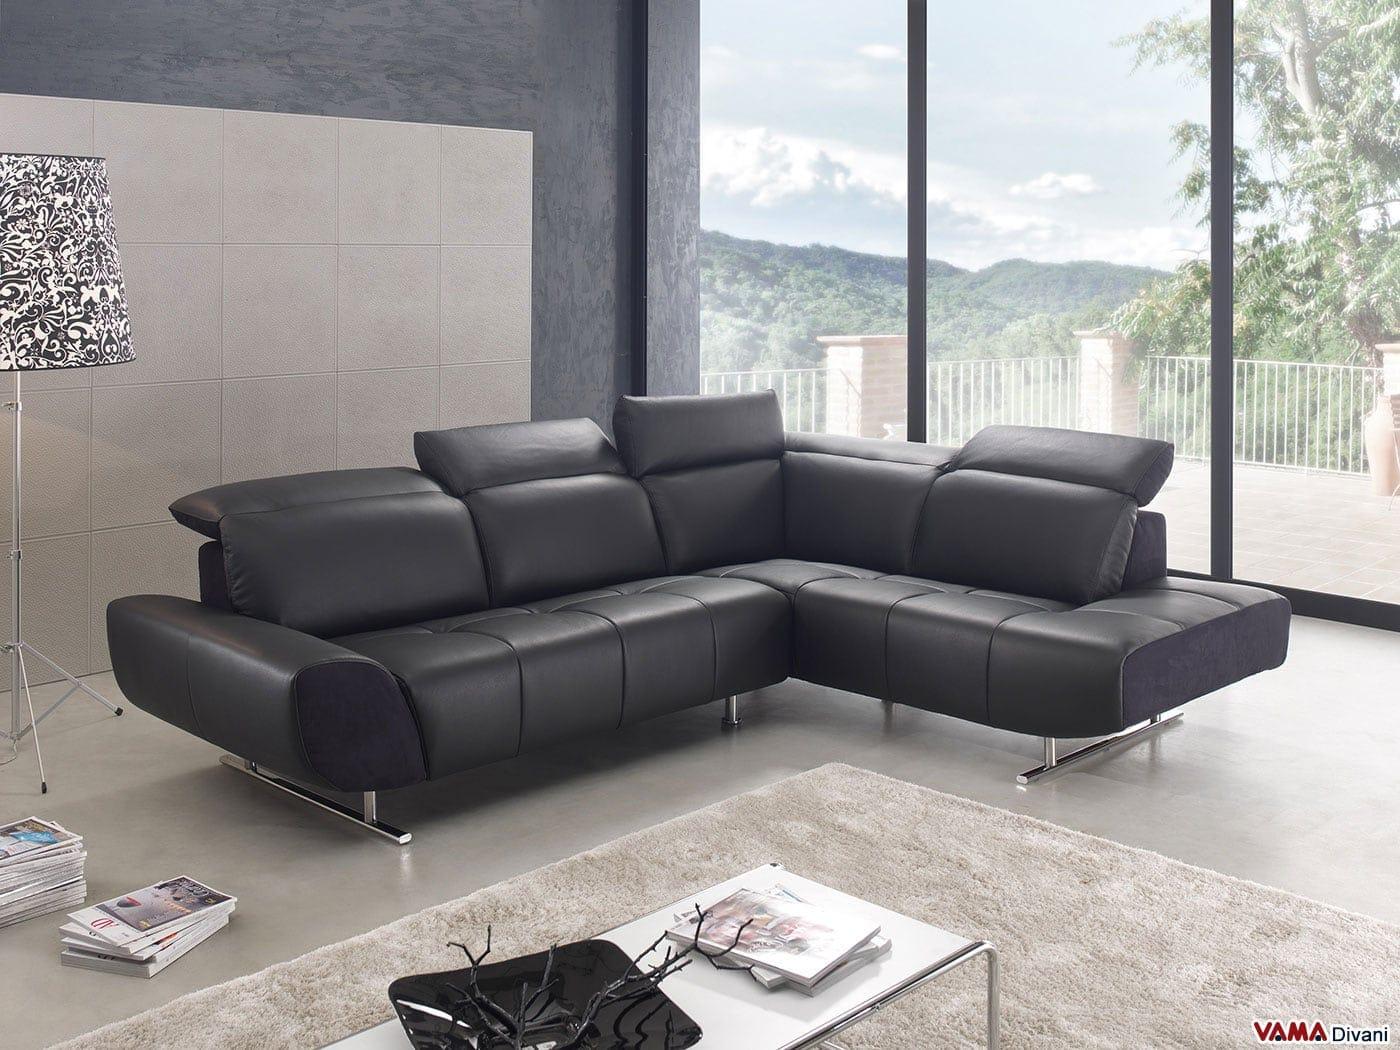 divano angolare moderno in pelle nera con poggiatesta